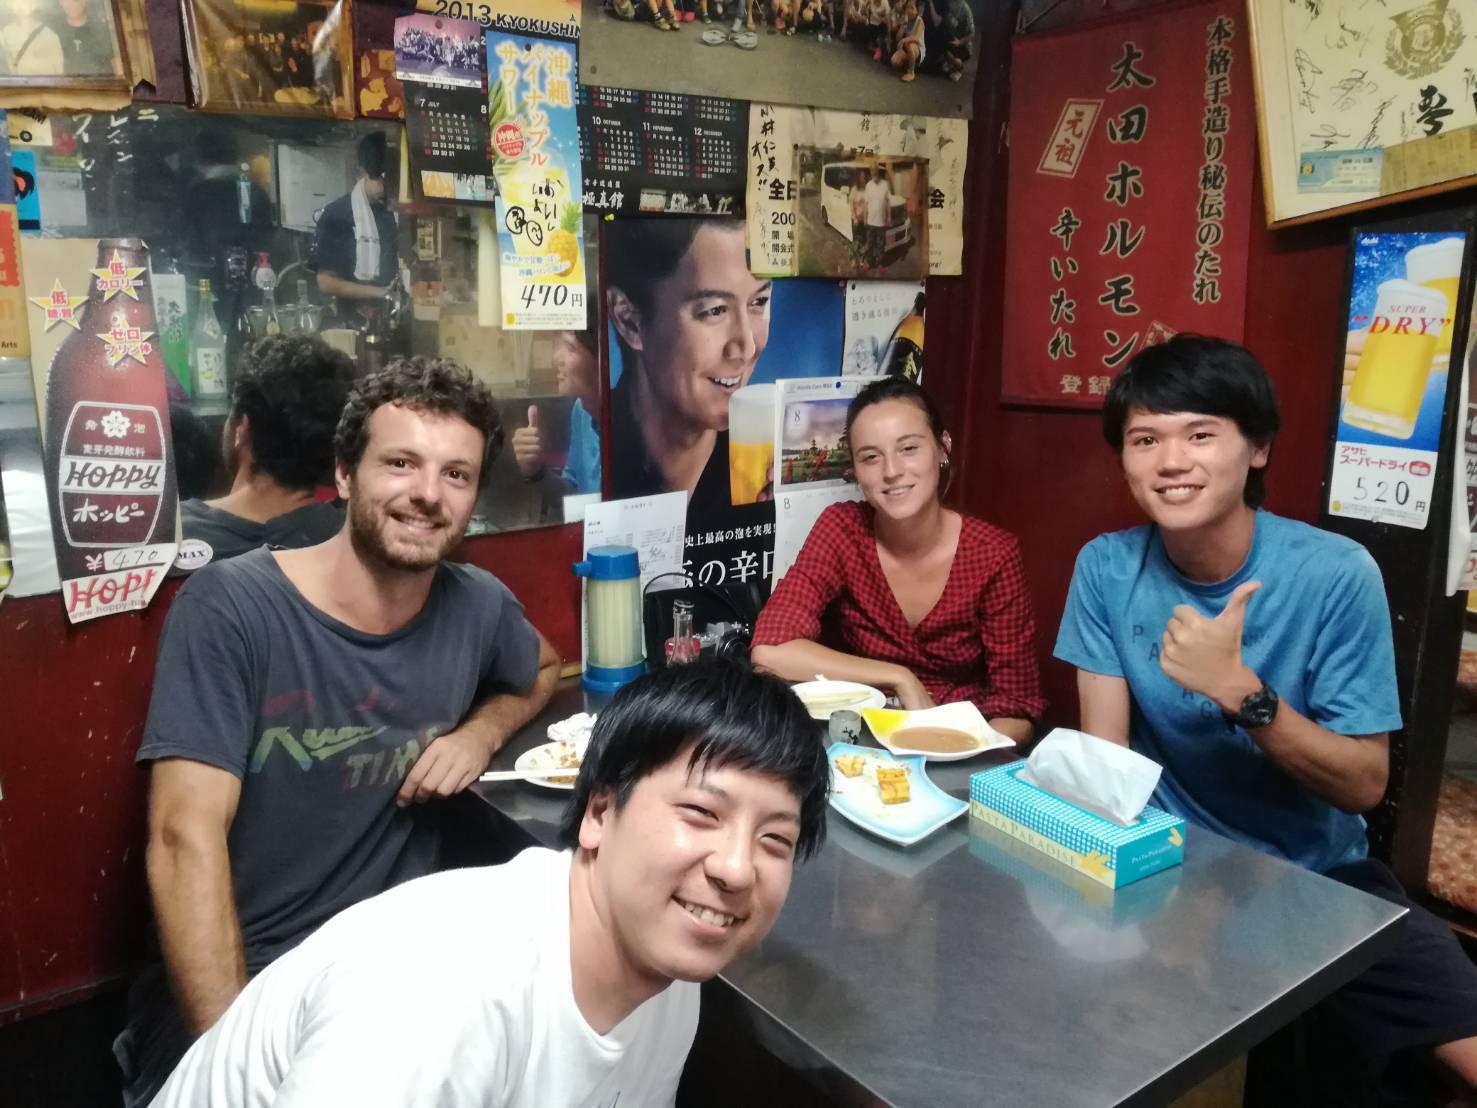 小川町の太田ホルモンで出会った外国人観光客